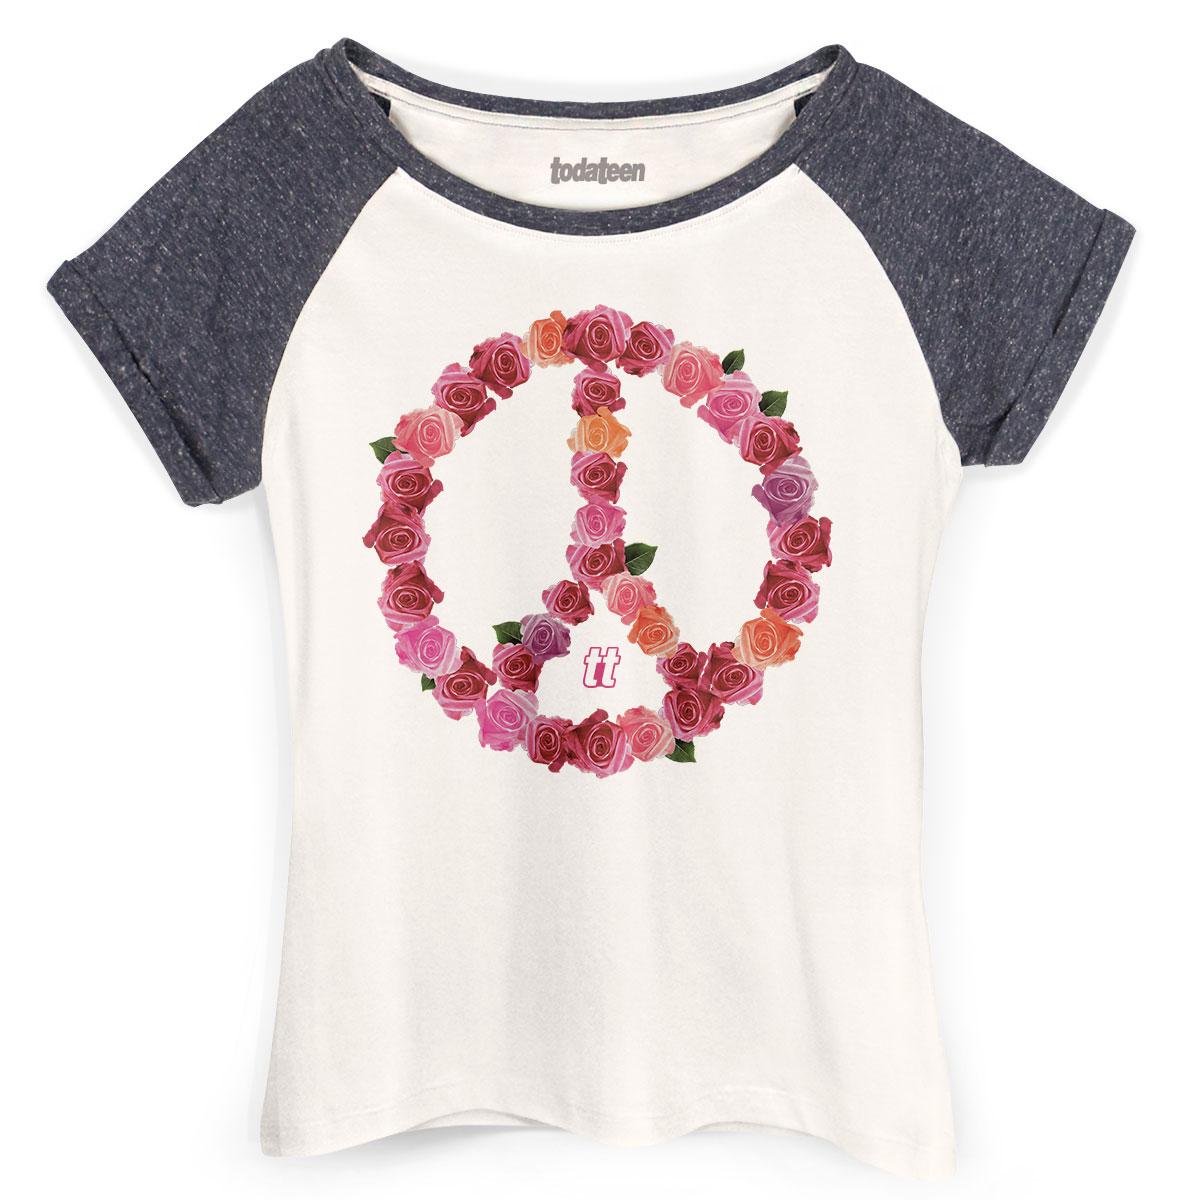 Camiseta Raglan Feminina TodaTeen Paz e Amor